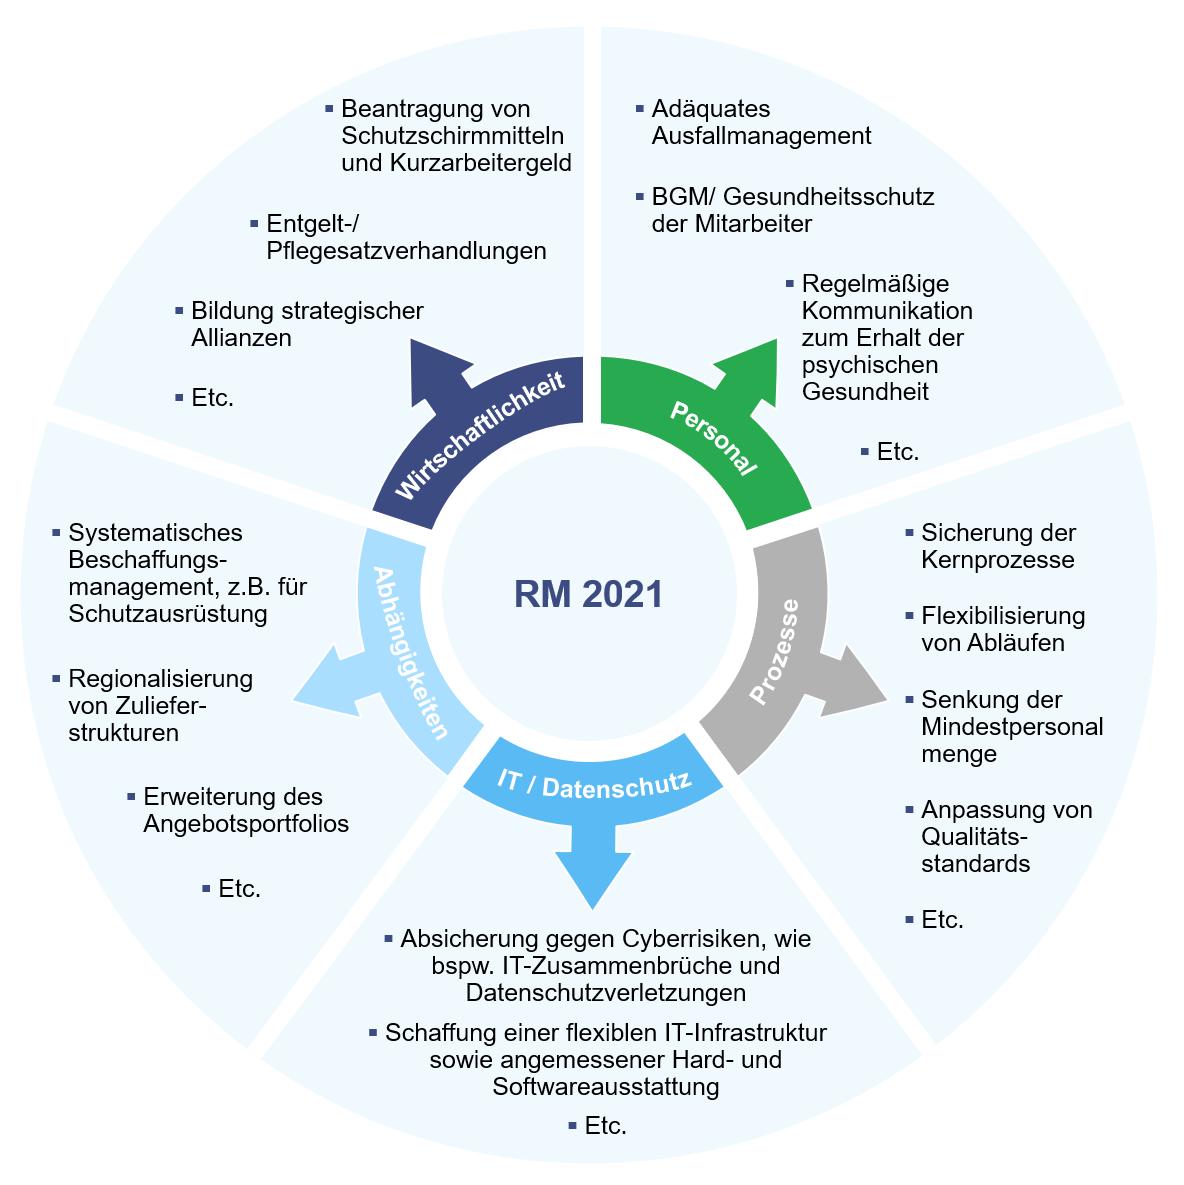 Im Fokus: risikoanalyse &-management